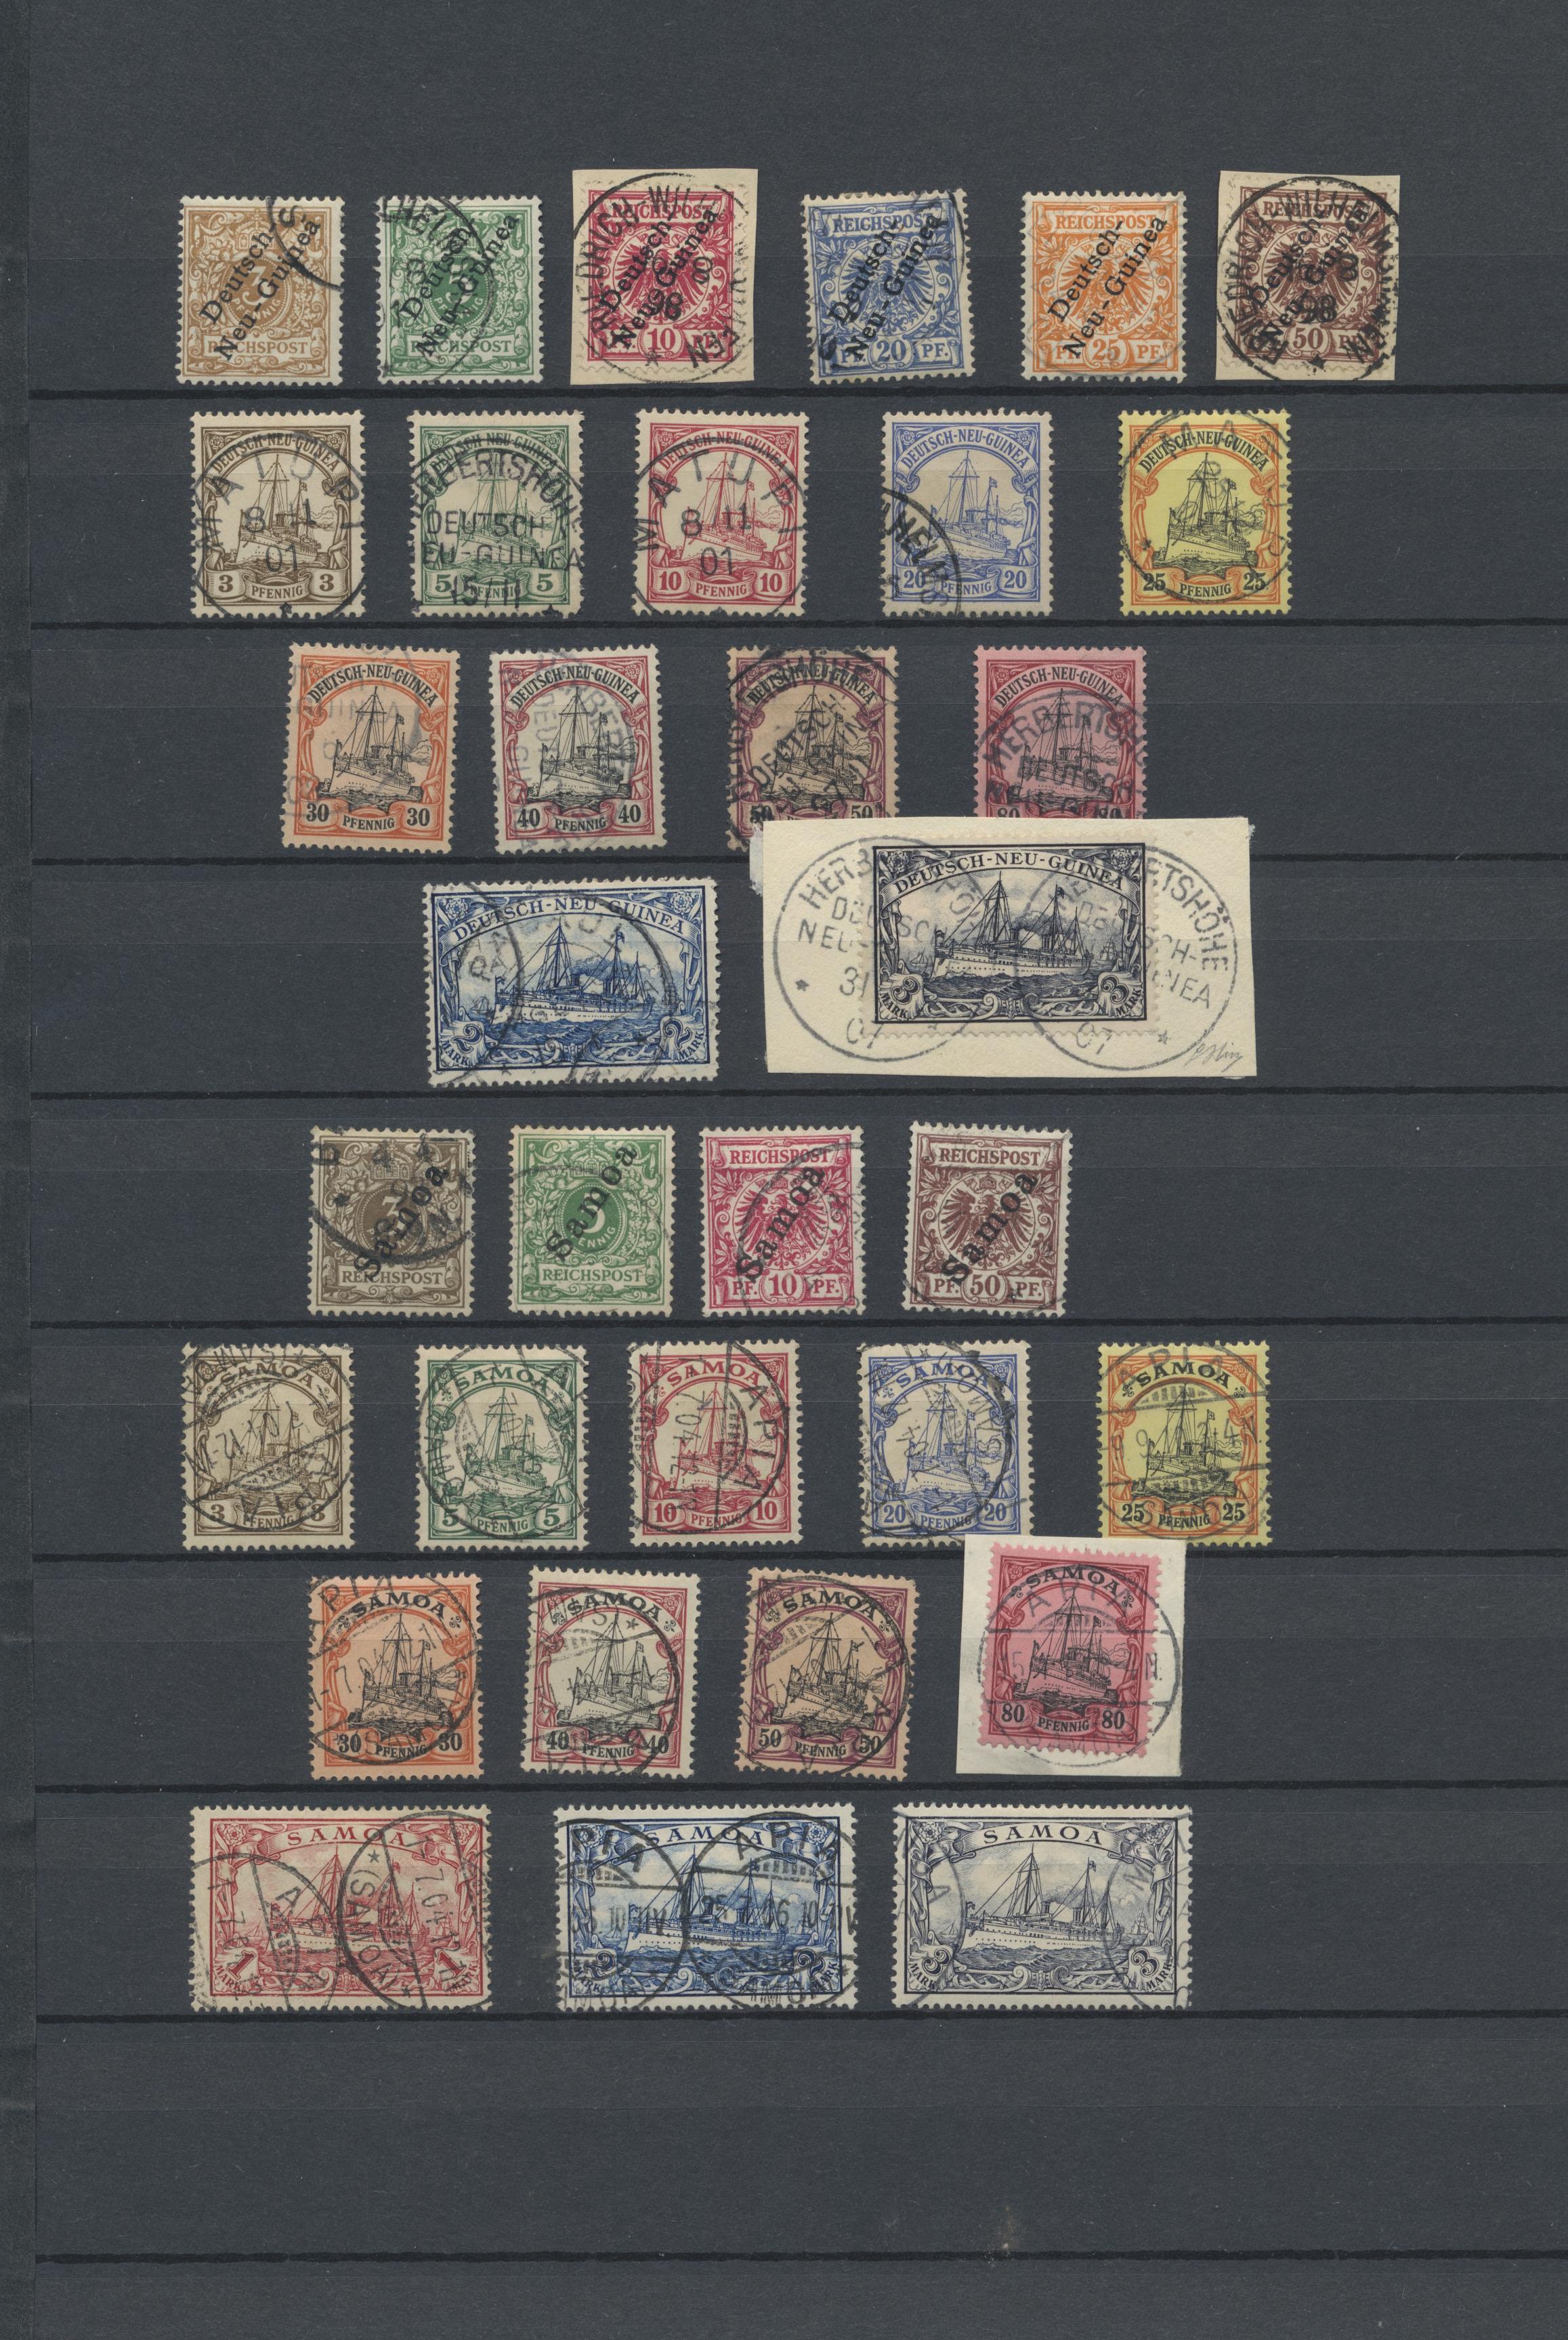 Lot 23549 - deutsche kolonien  -  Auktionshaus Christoph Gärtner GmbH & Co. KG 50th Auction Anniversary Auction - Day 7